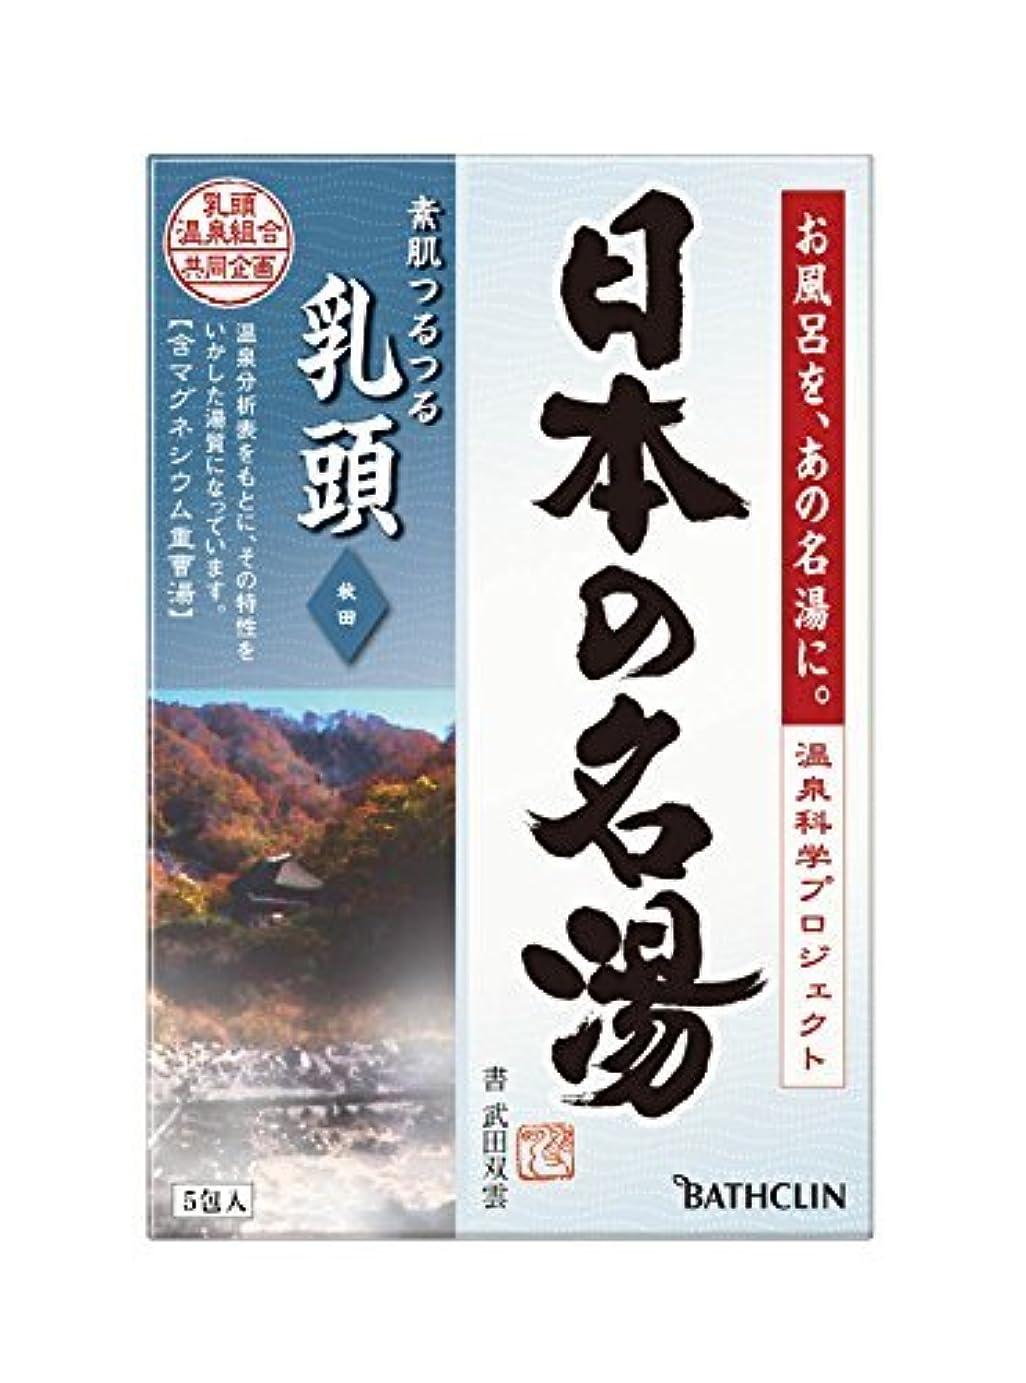 【まとめ買い】【医薬部外品】日本の名湯入浴剤 乳頭(秋田) 30g ×5包 にごりタイプ 個包装 温泉タイプ ×8個